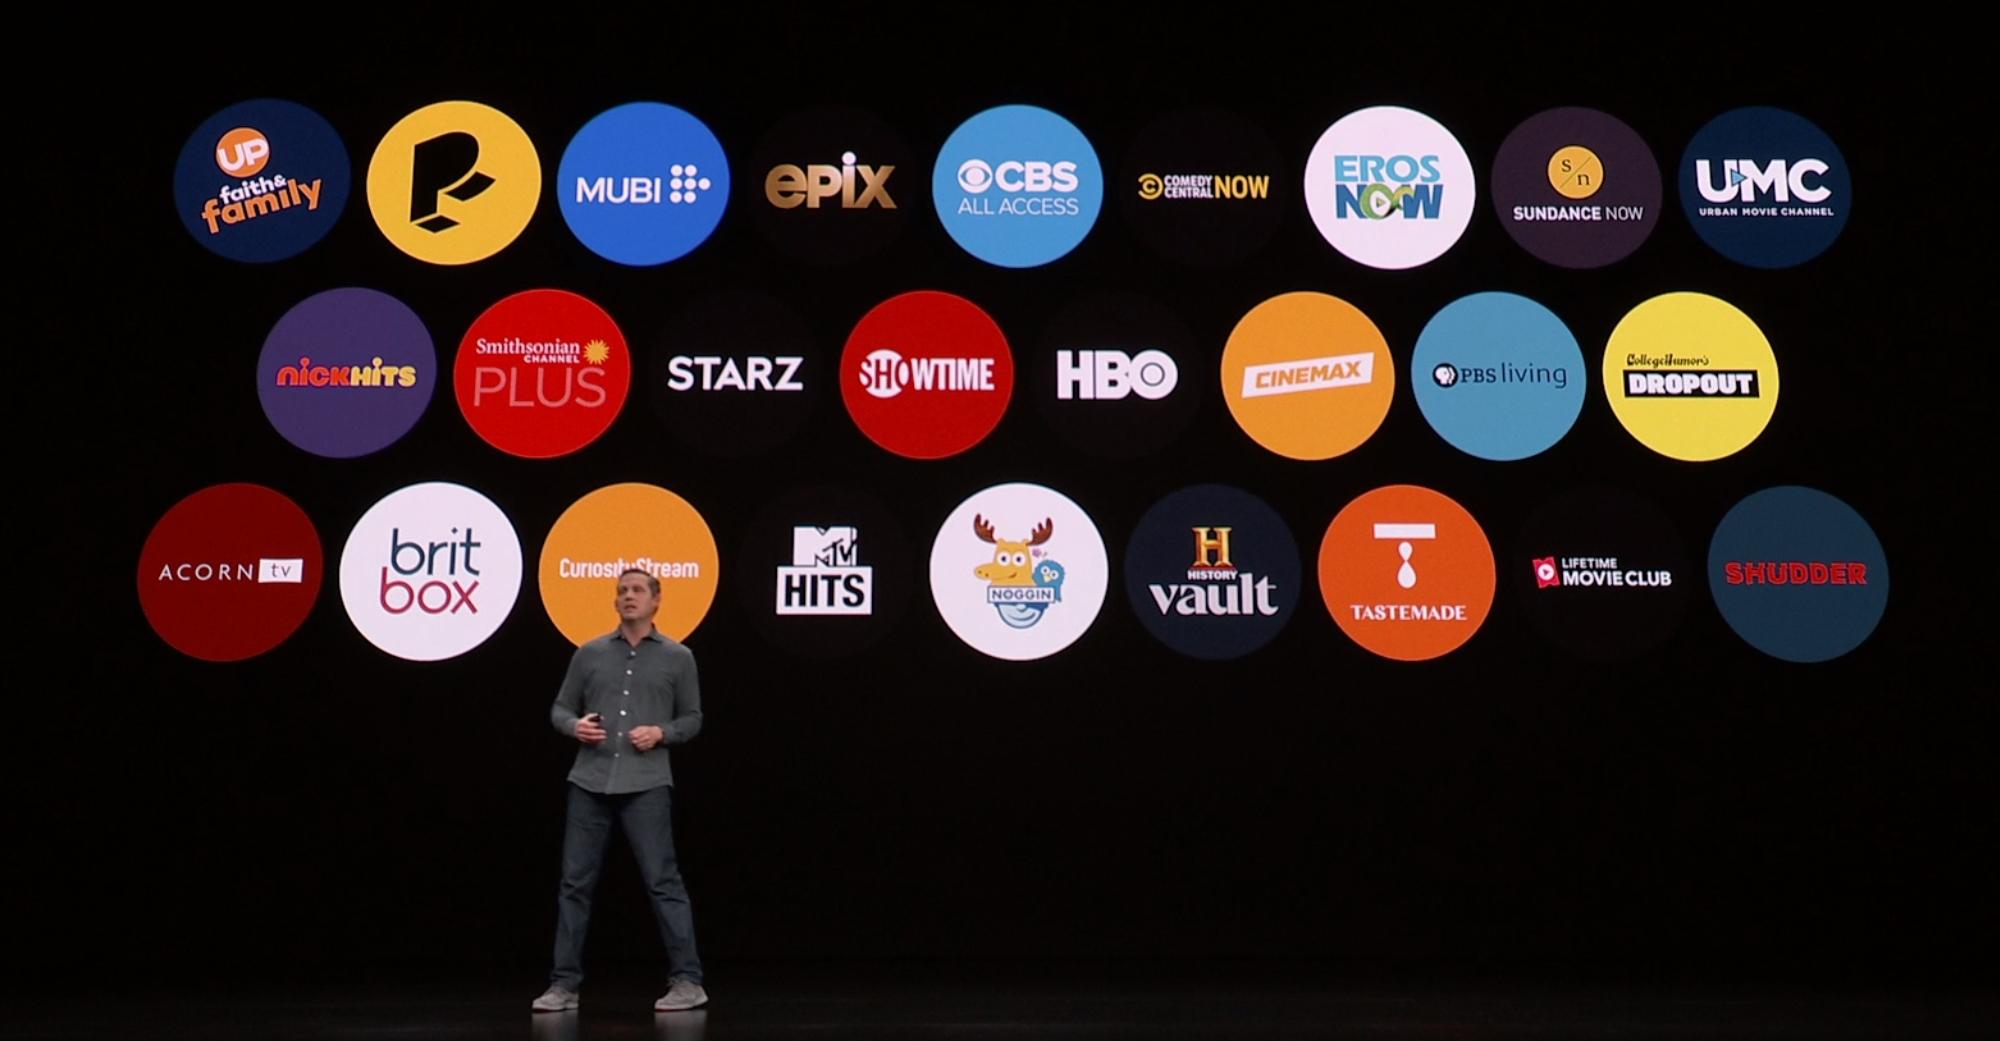 Apple TV Channels.